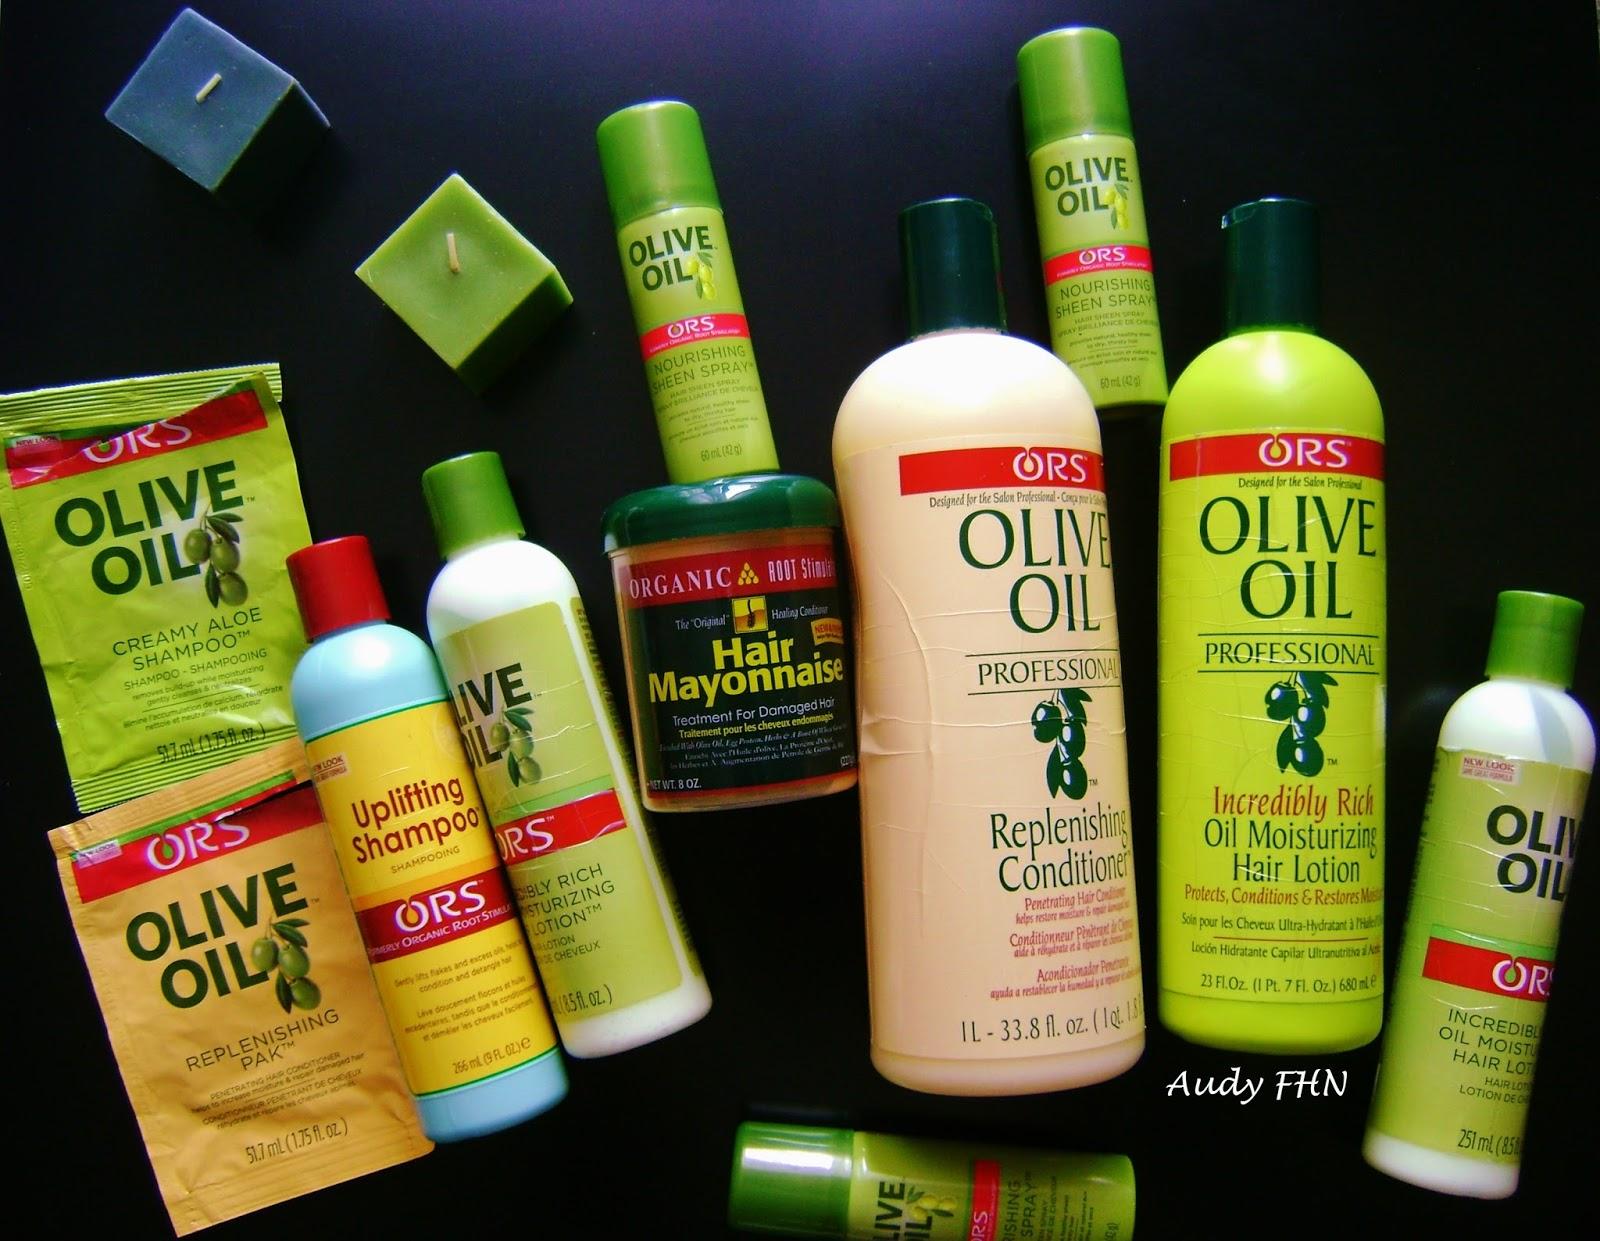 Mon avis sur la gamme Olive Oil de la marque Organic Root